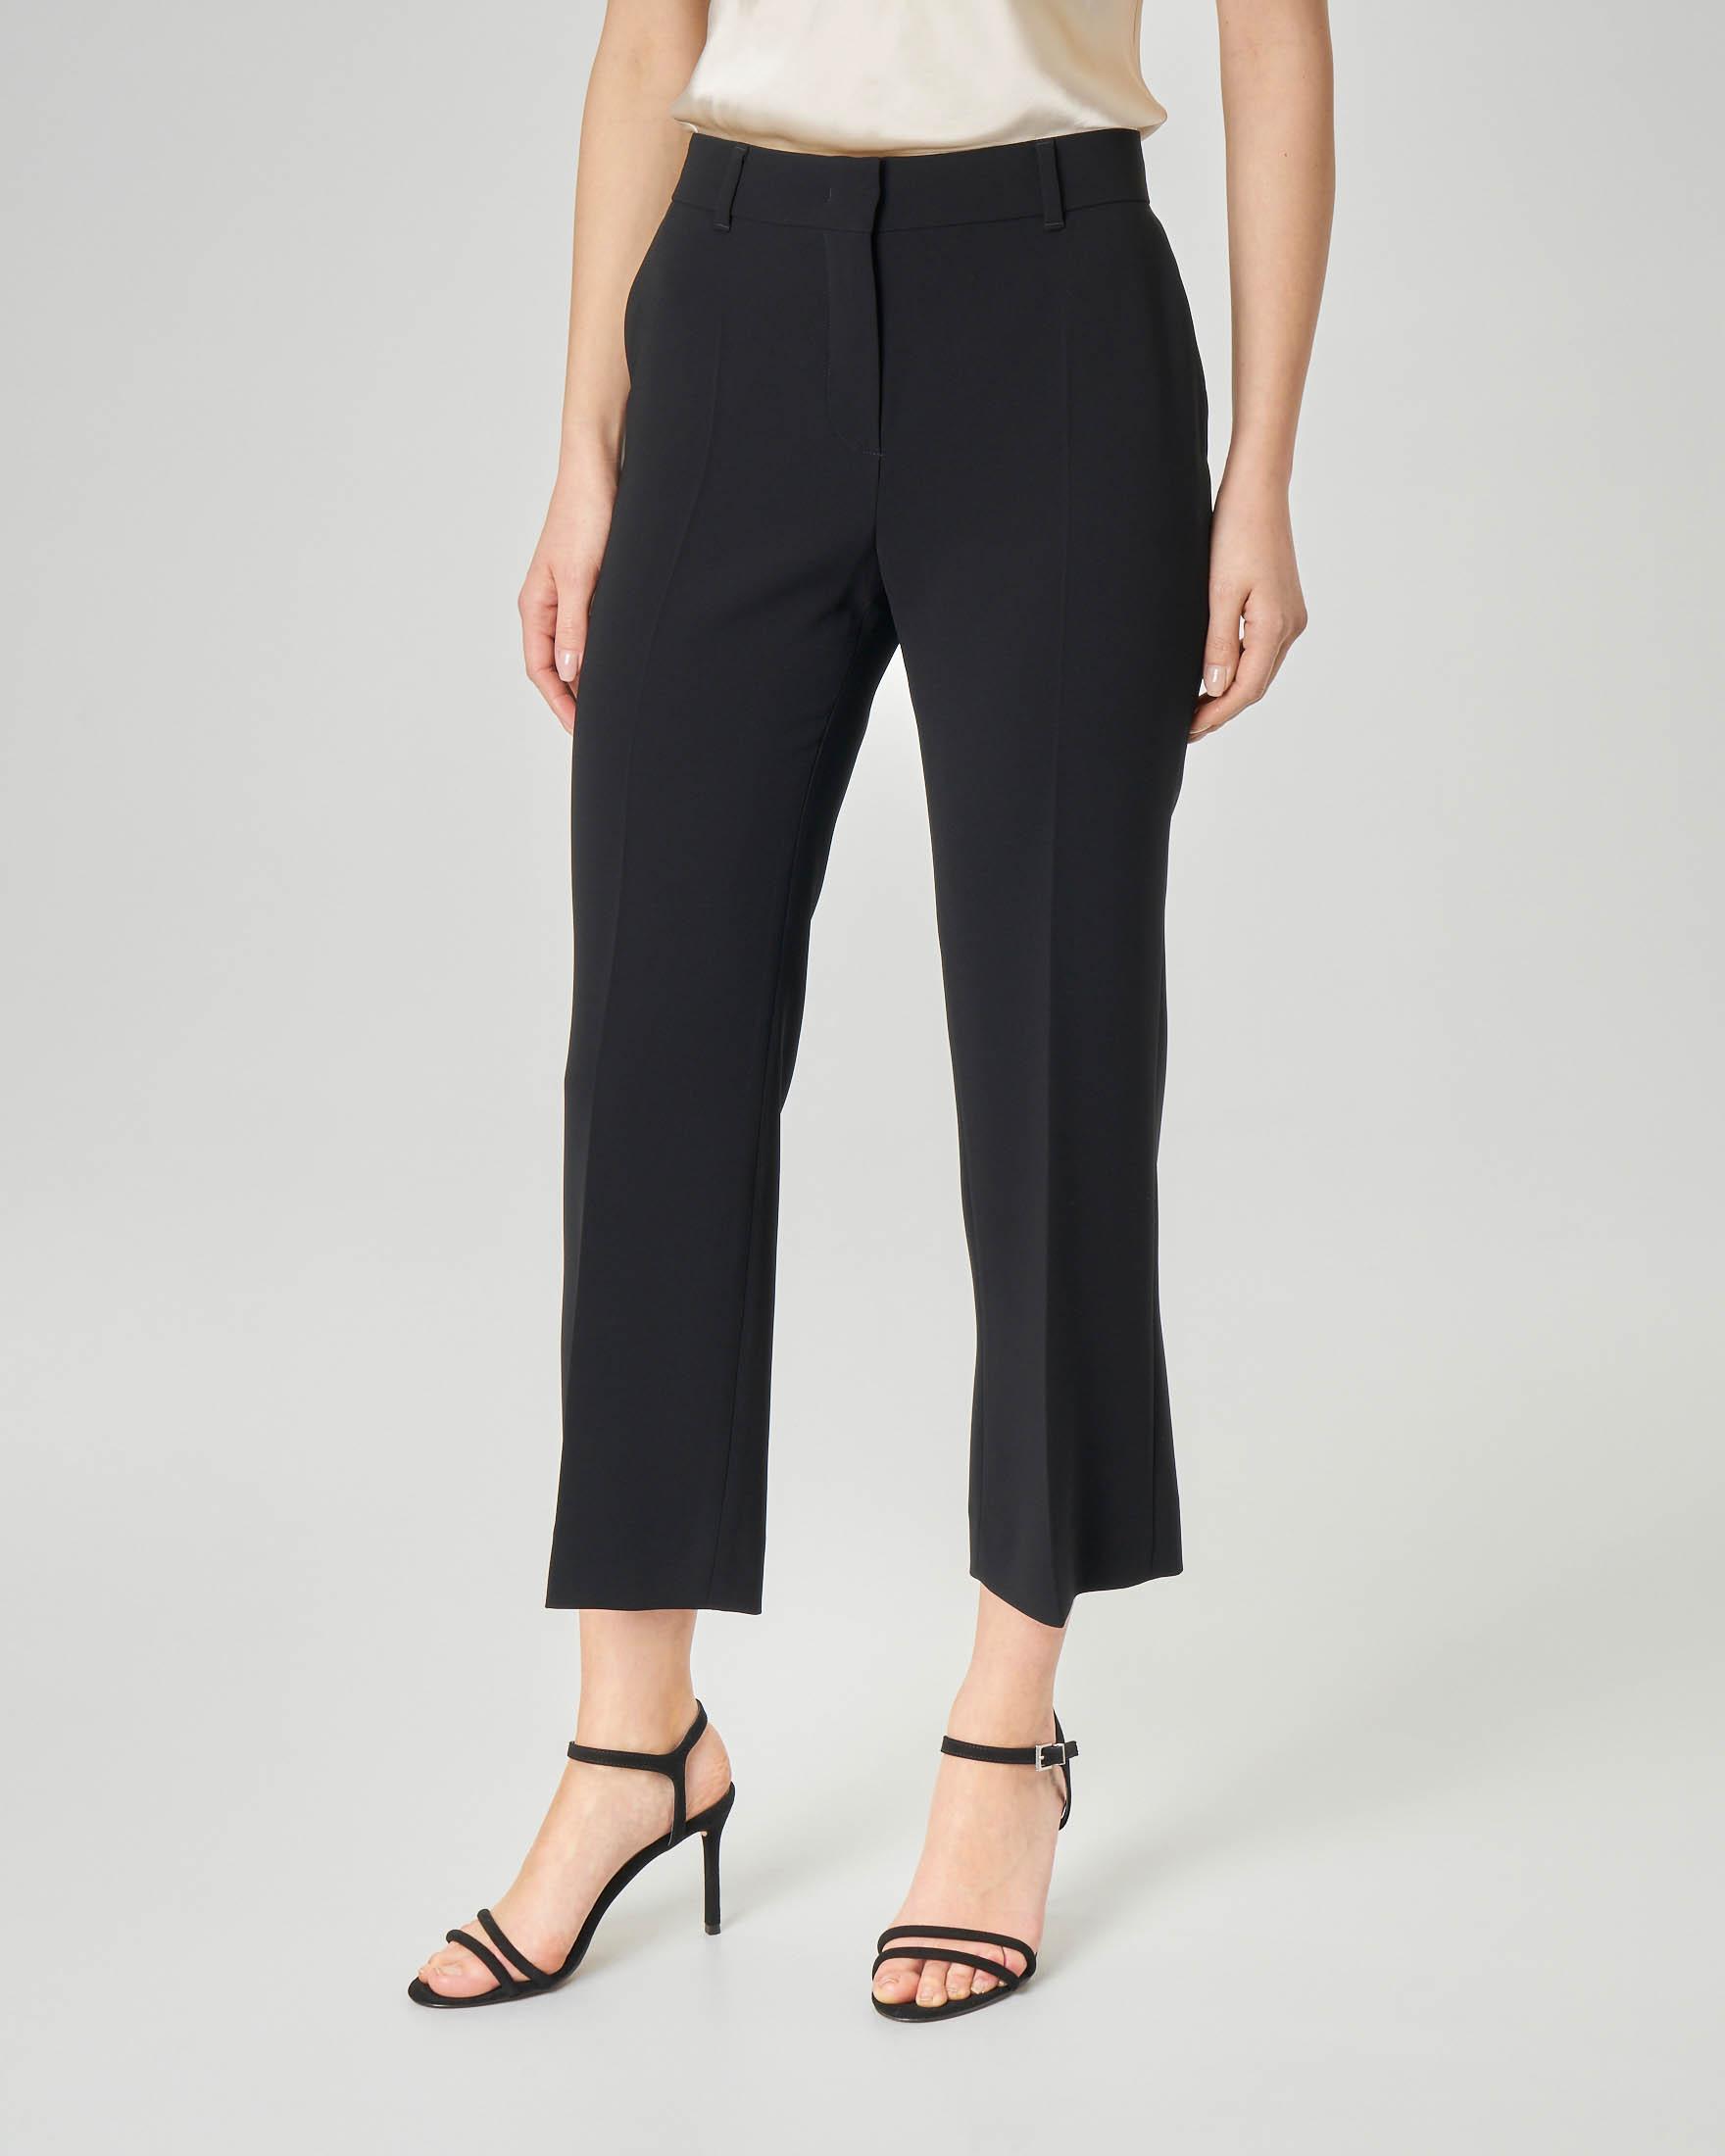 Pantaloni in cady neri dritti lunghezza sopra la caviglia